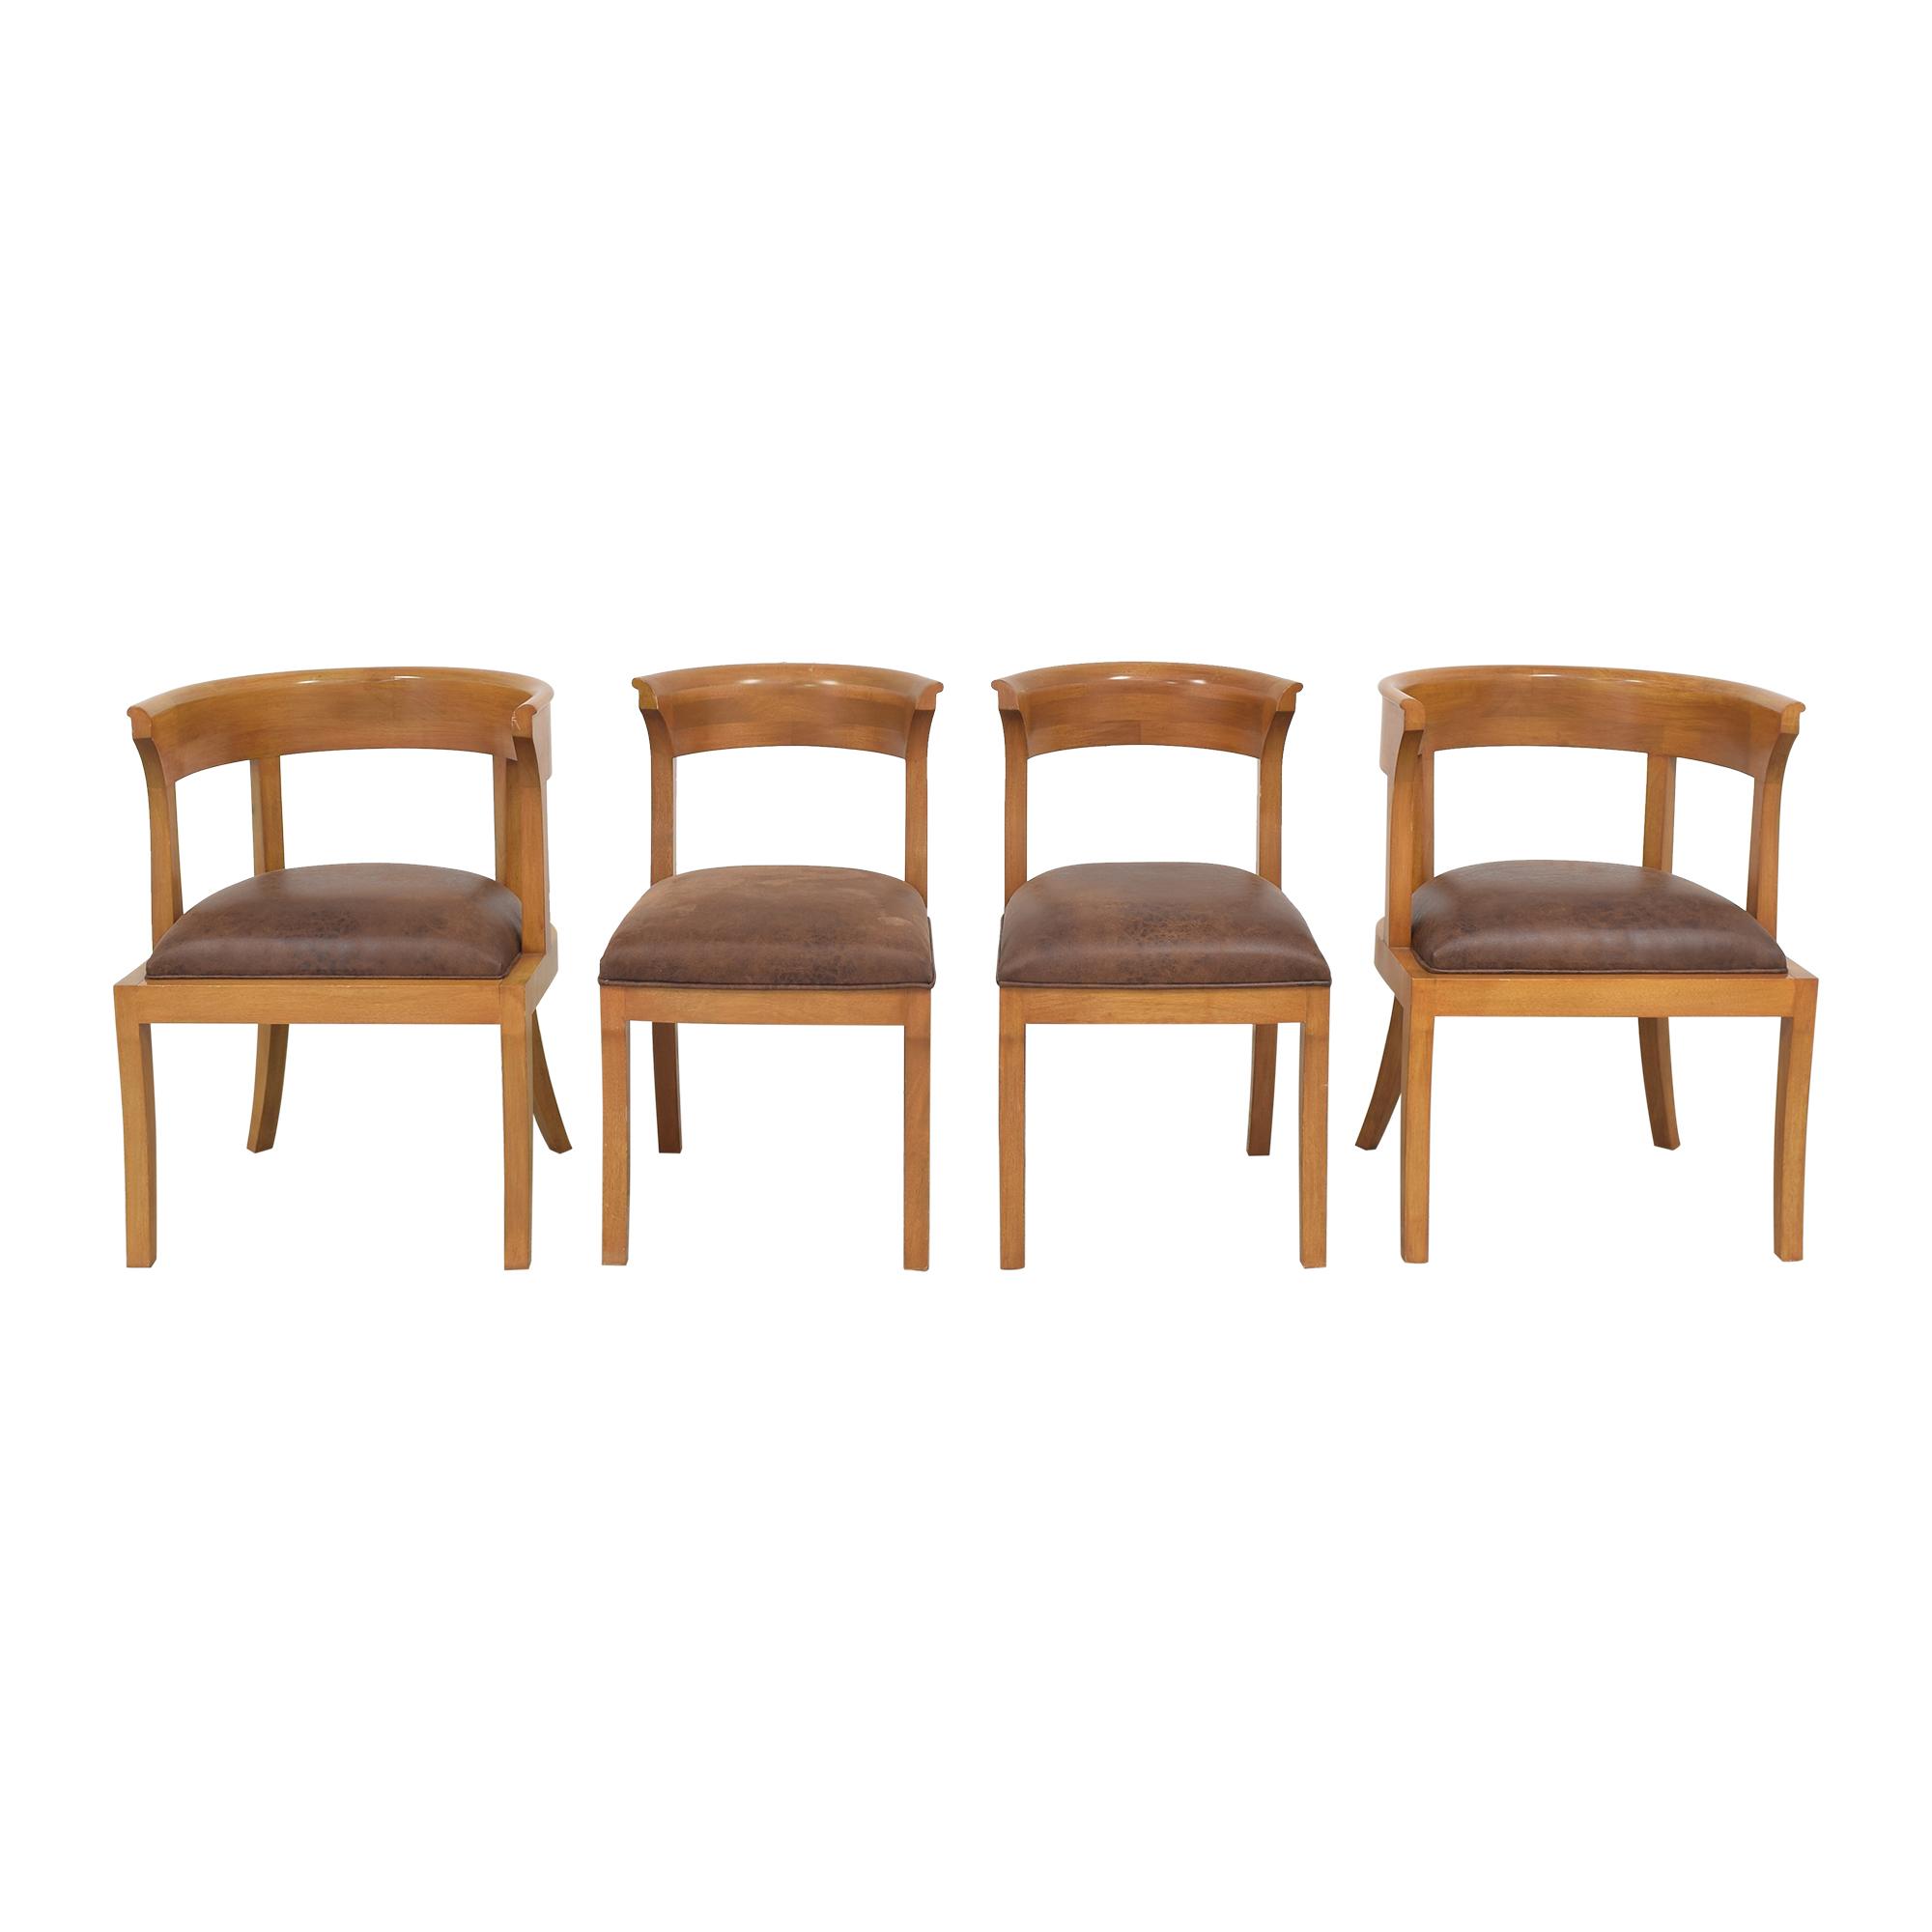 Bernhardt Bernhardt Dining Chairs nyc